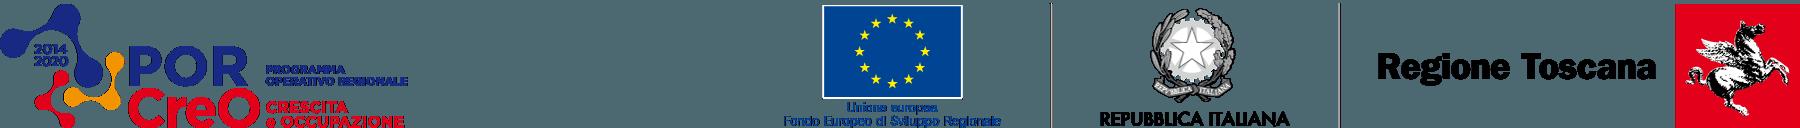 Loghi del progetto PORCreO, dell'Unione Europea, della Repubblica Italiana e della Regione Toscana